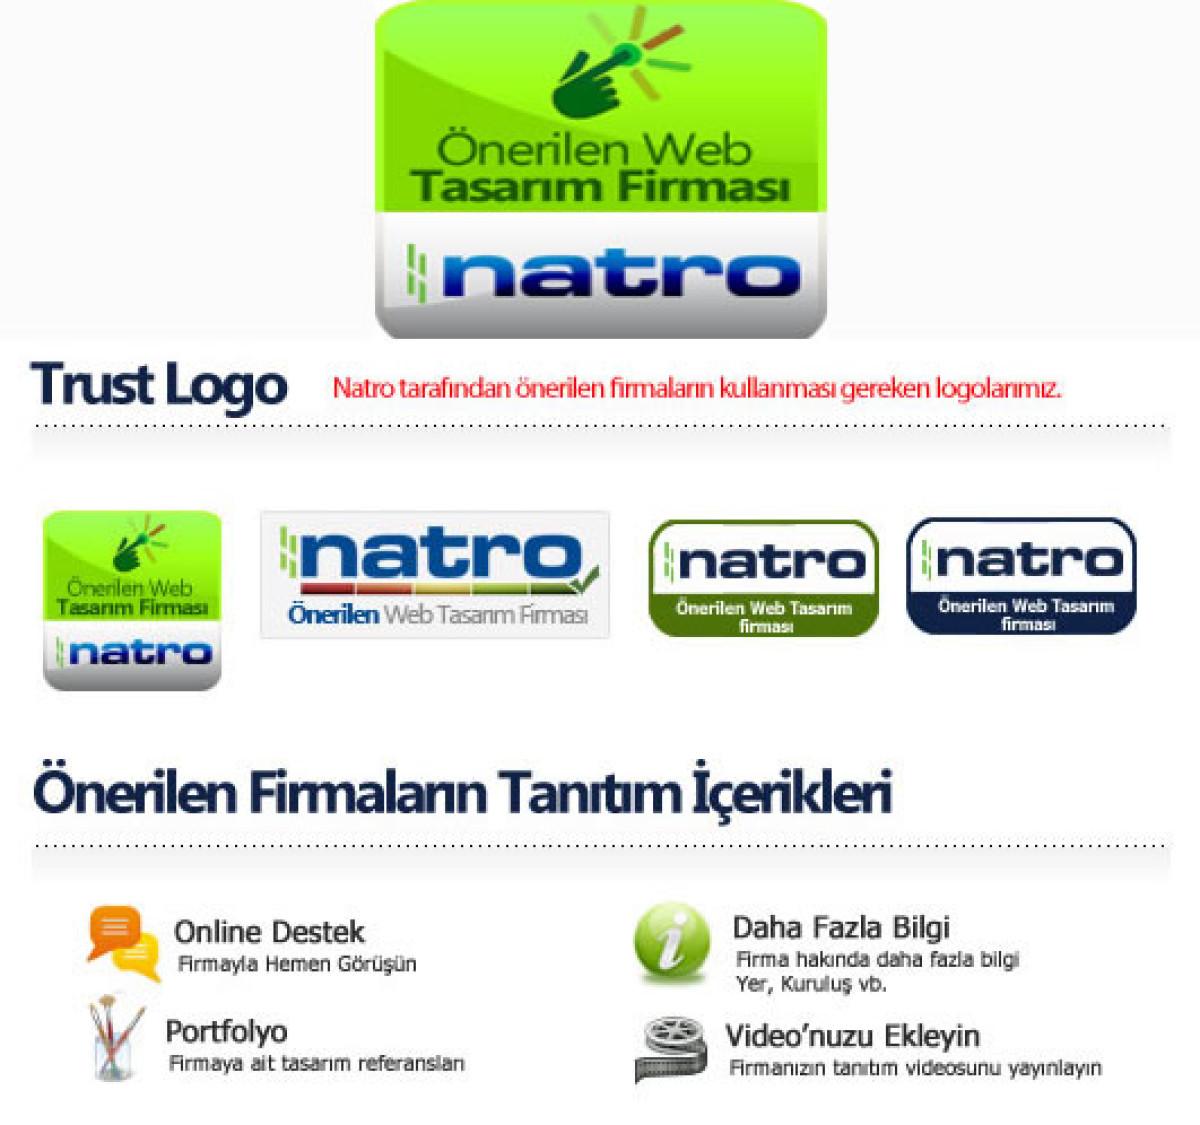 Natro'dan 'Önerilen Web Tasarım Firması' hizmeti